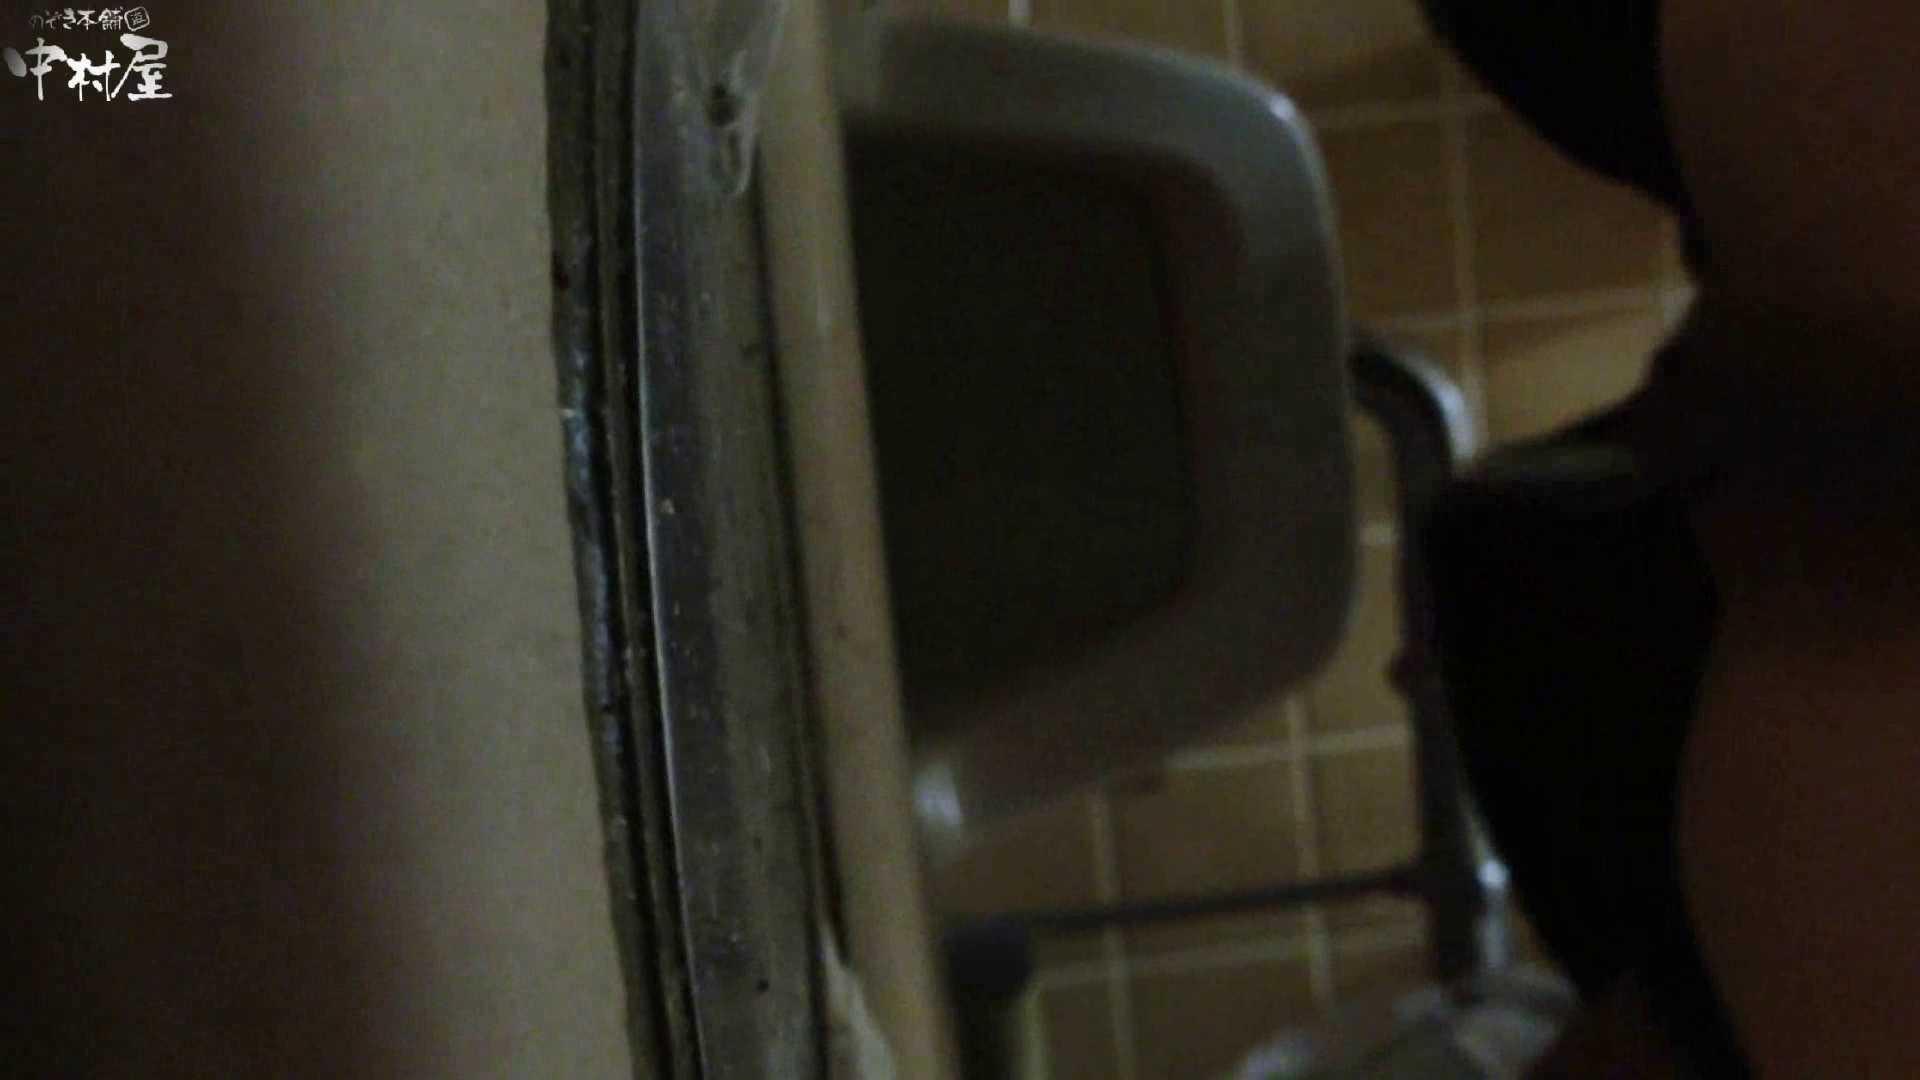 部活女子トイレ潜入編vol.3 OLすけべ画像 隠し撮りオマンコ動画紹介 37連発 7